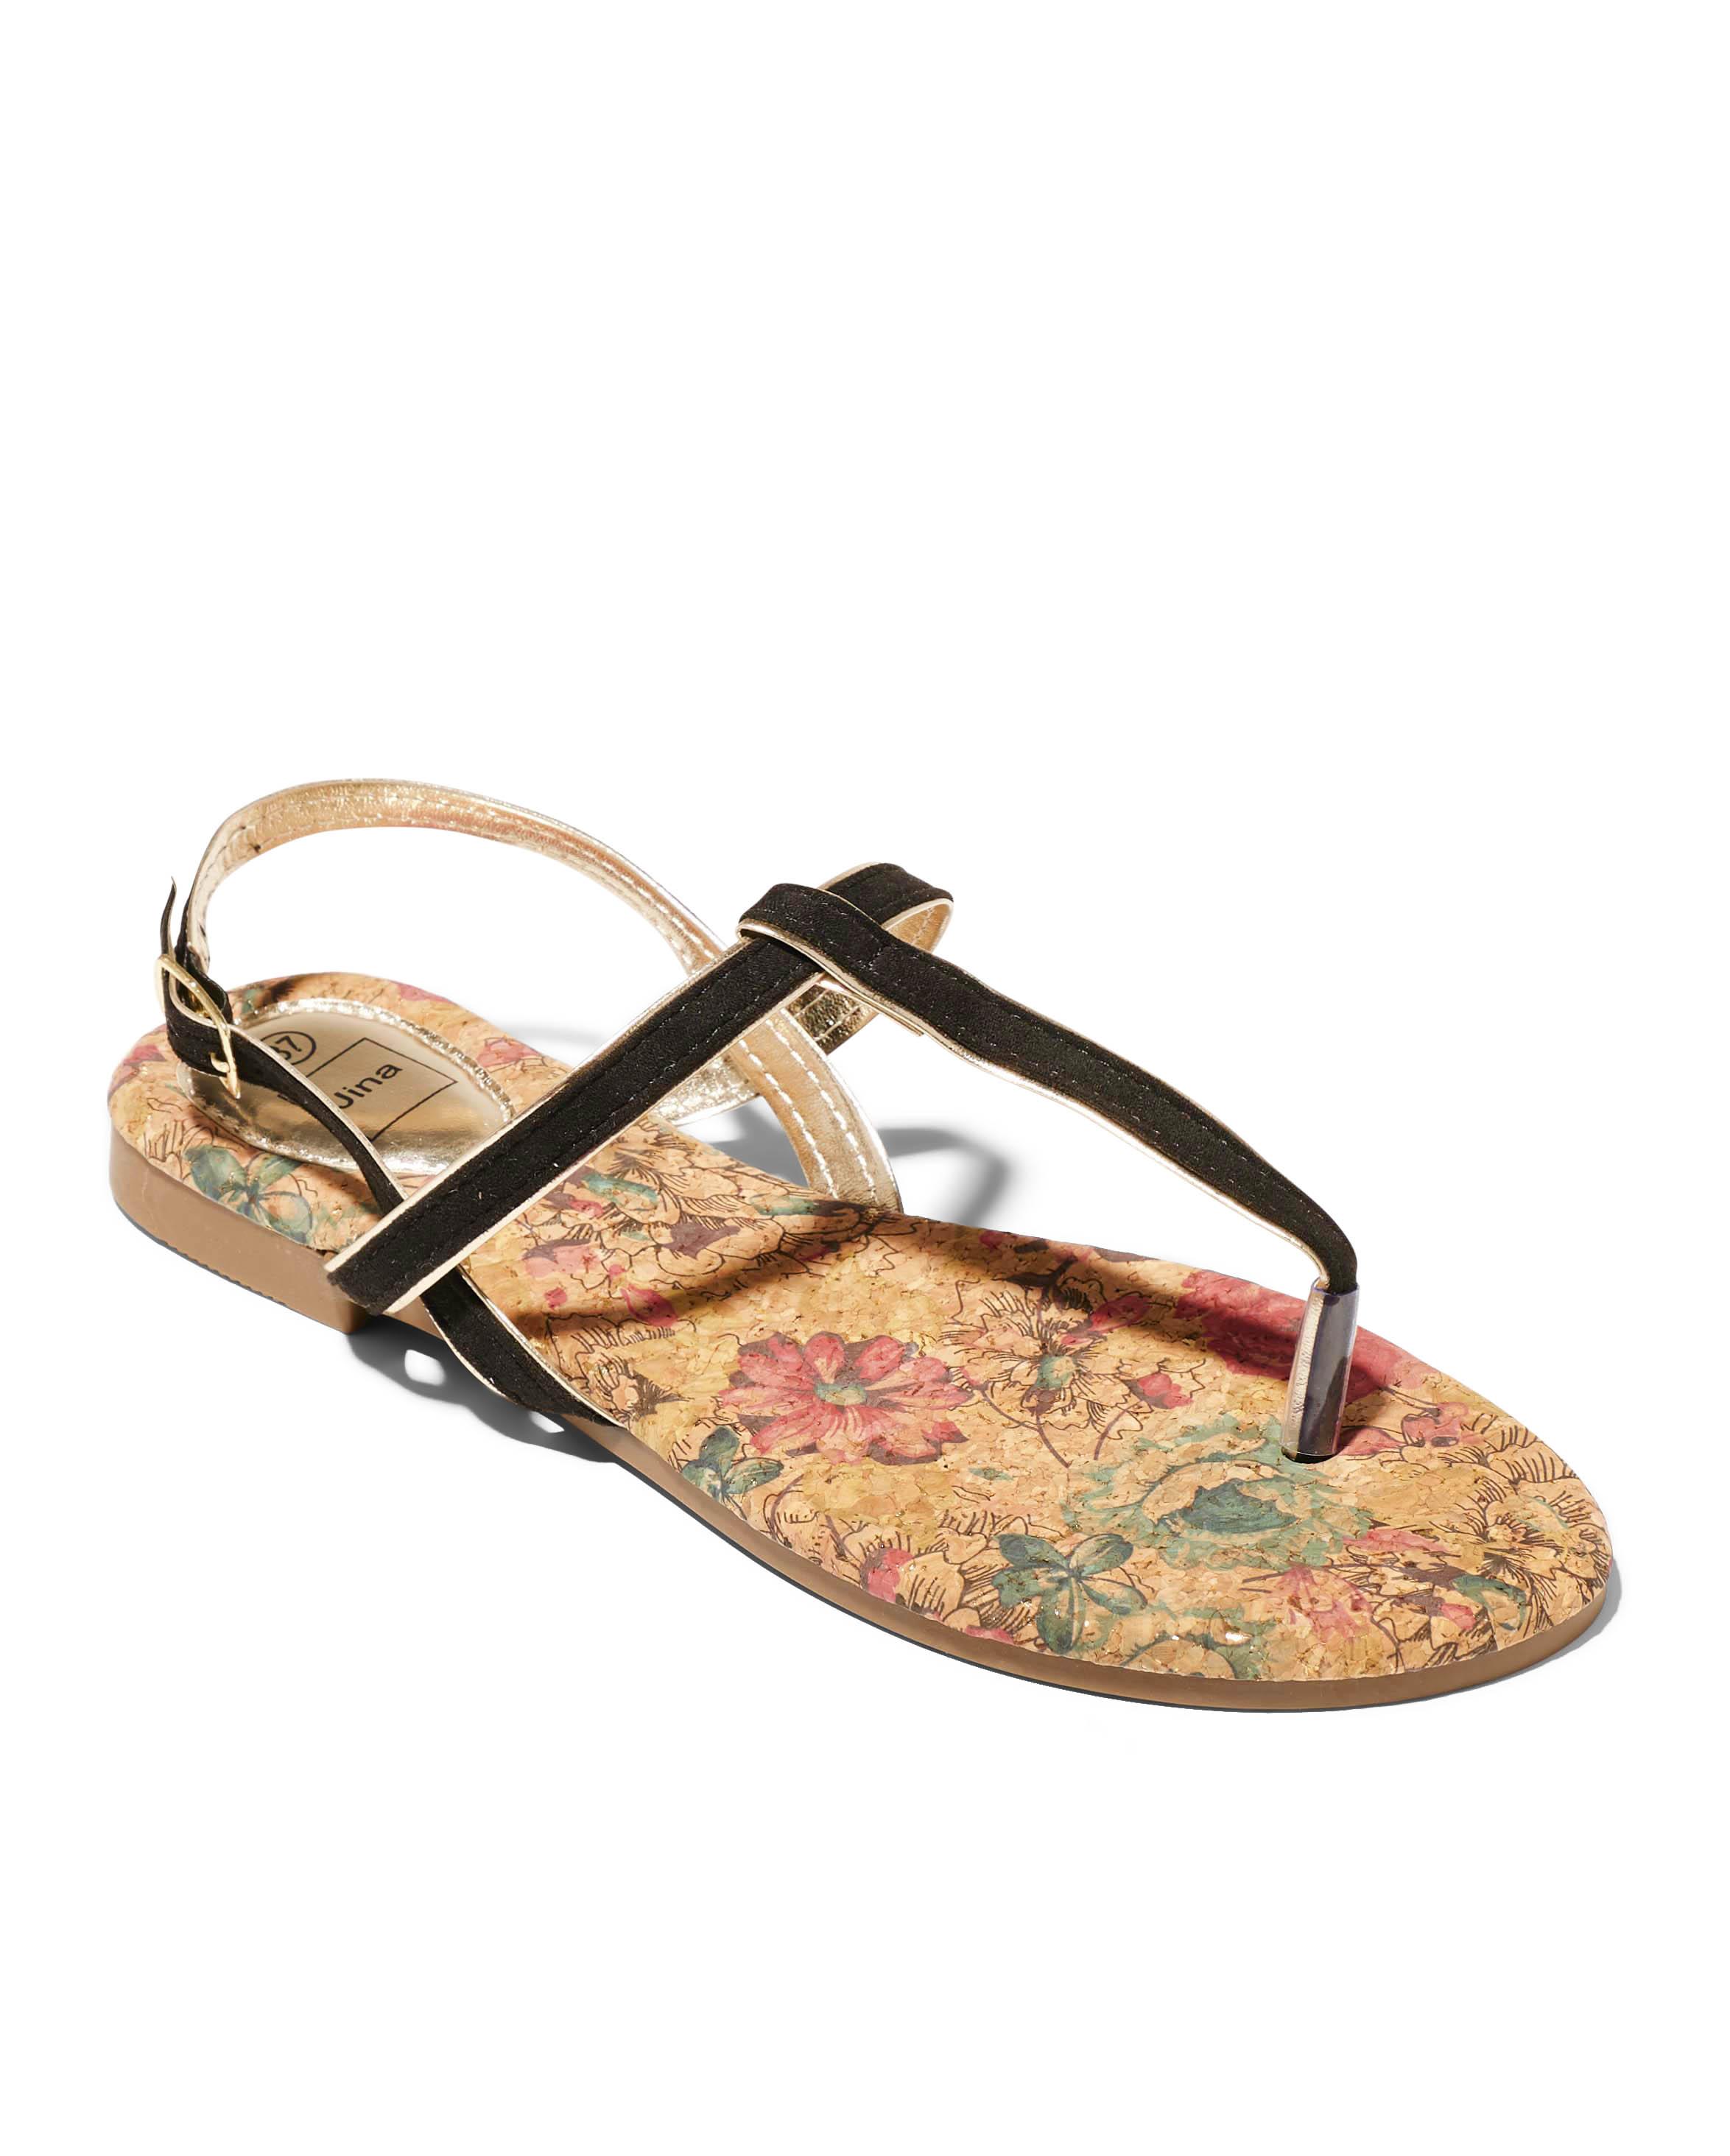 Sandales Plates Femme - Sandale Plate Noir Jina - Style 2 Zh P05